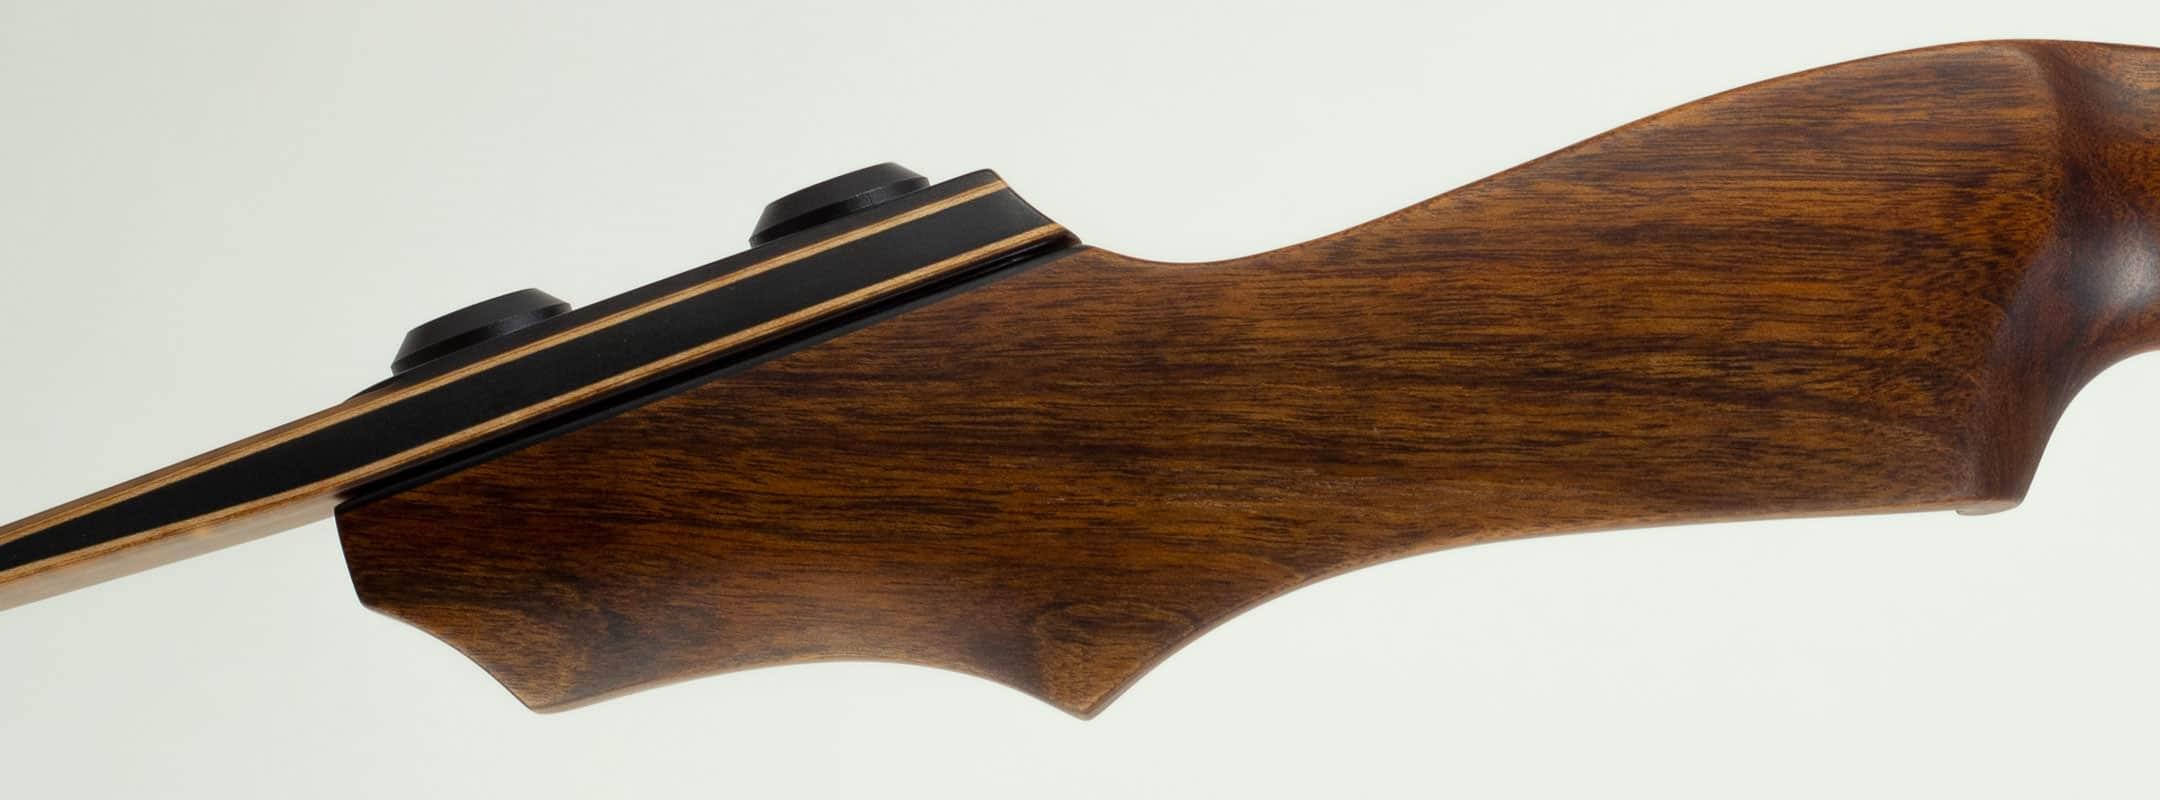 Closeup of wood grain on an archery bow